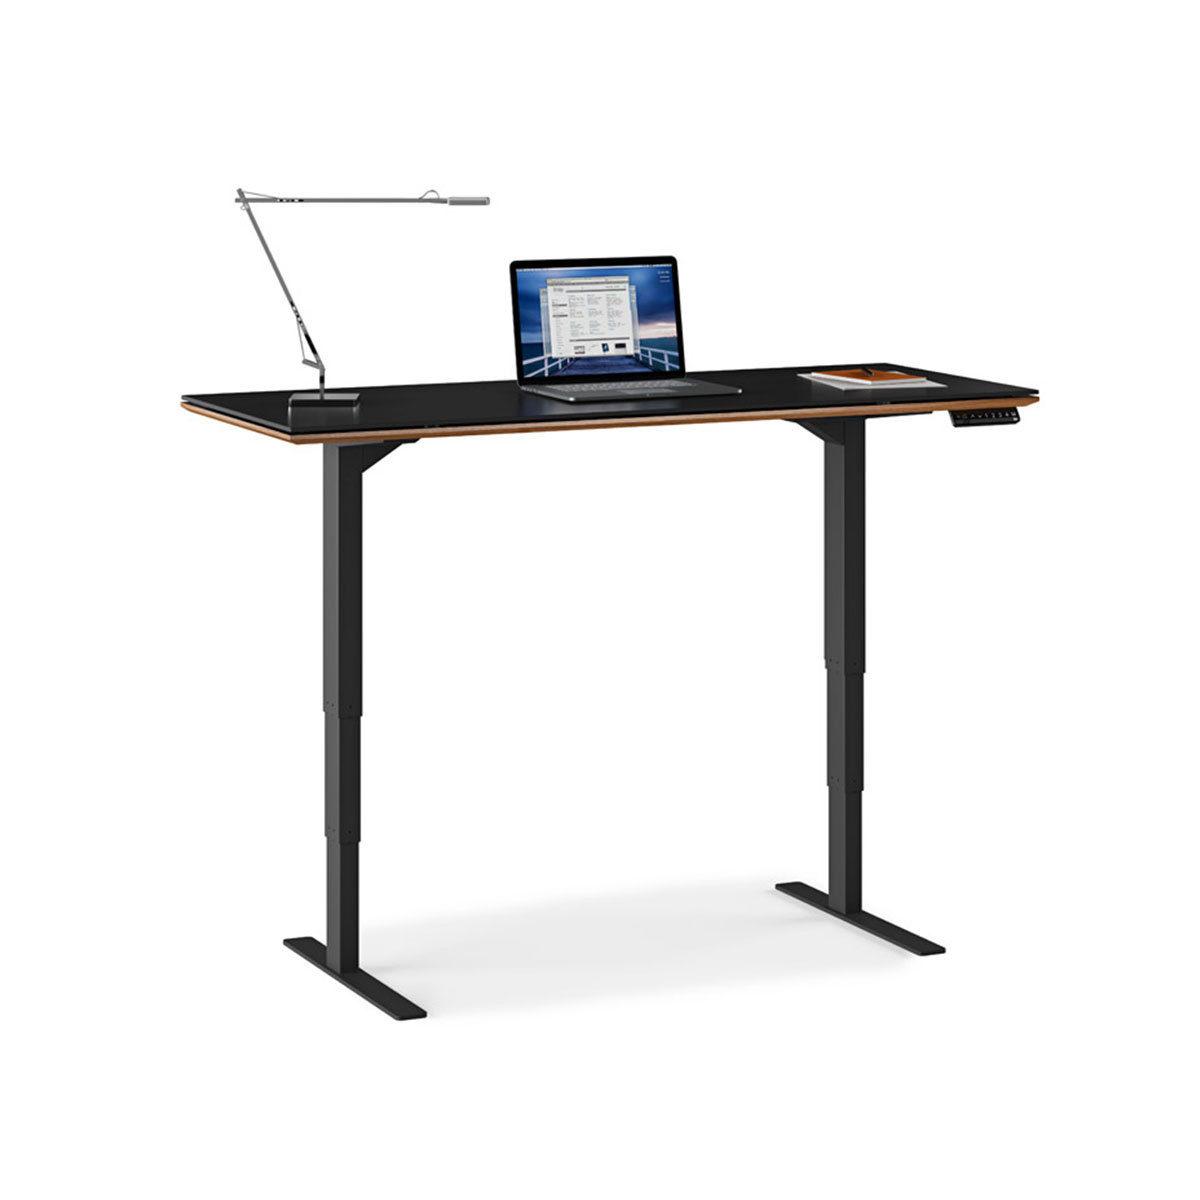 BDI Sequel Lift Standing Desk (40) — BDI Furniture  Shop BDI Media  Consoles, BDI Desks, BDI Tables and More!